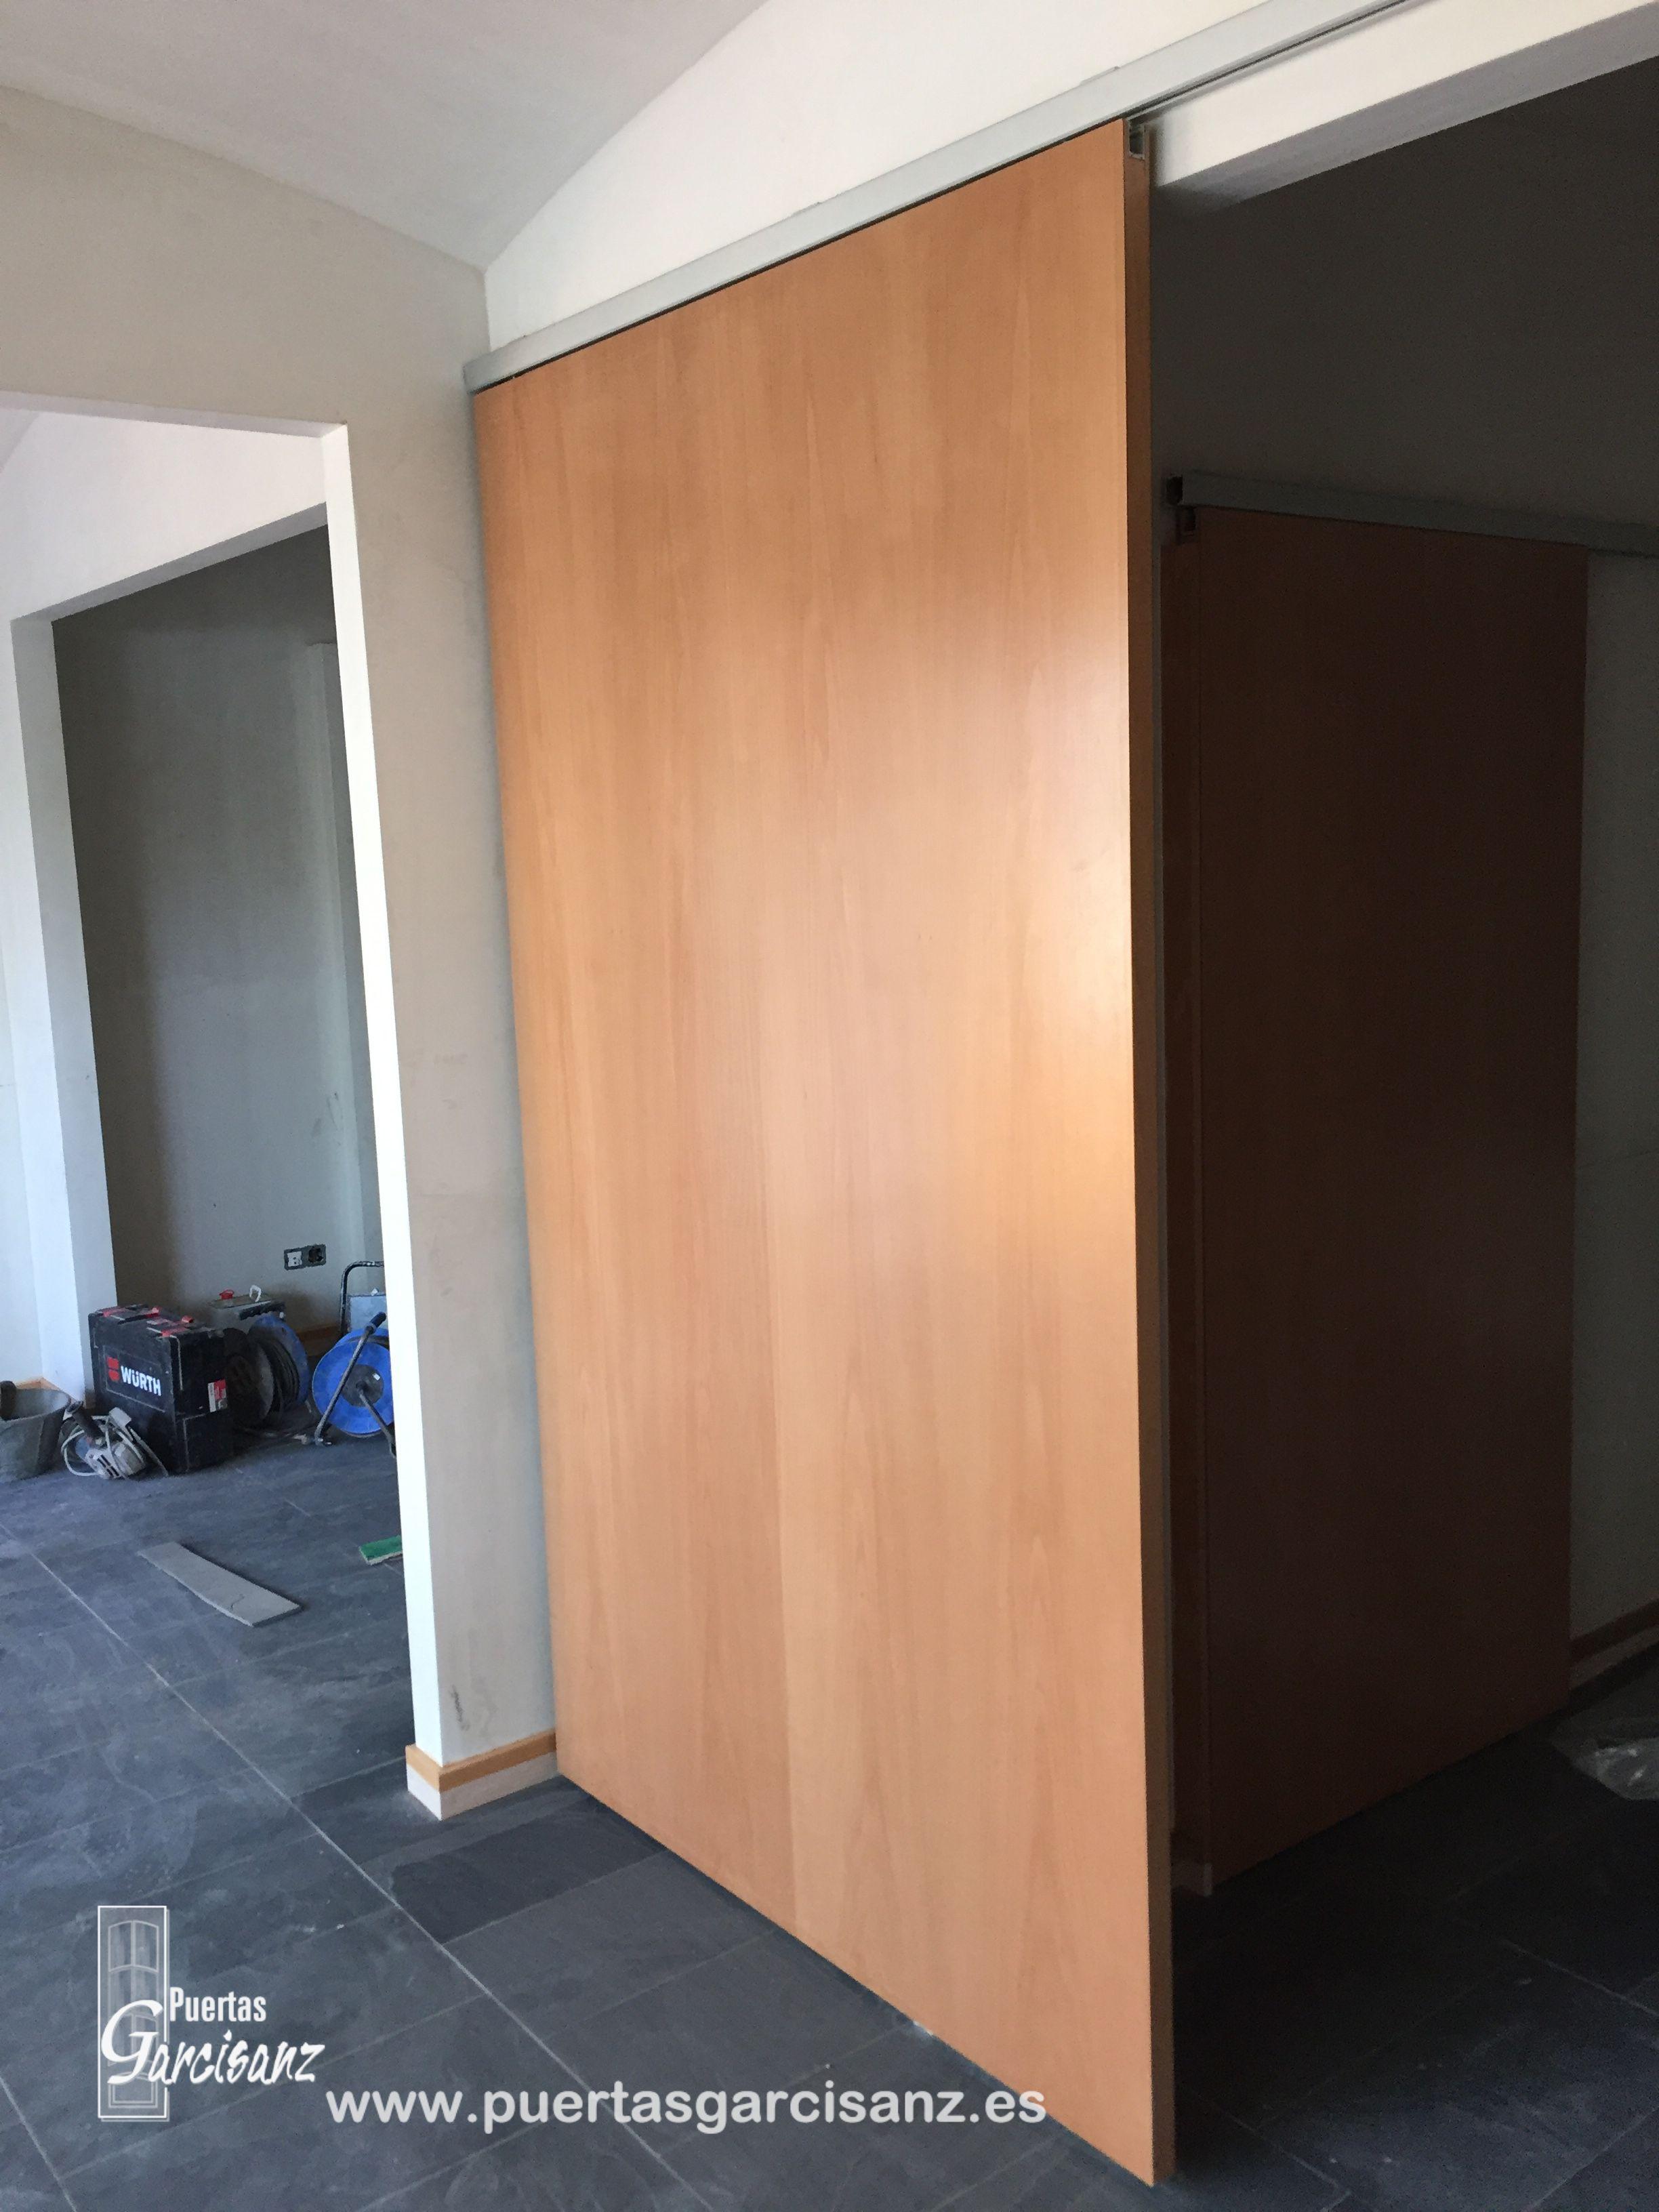 Instalaci n de puertas correderas en 40 mm de grosor lisas - Sistema puerta corredera ...